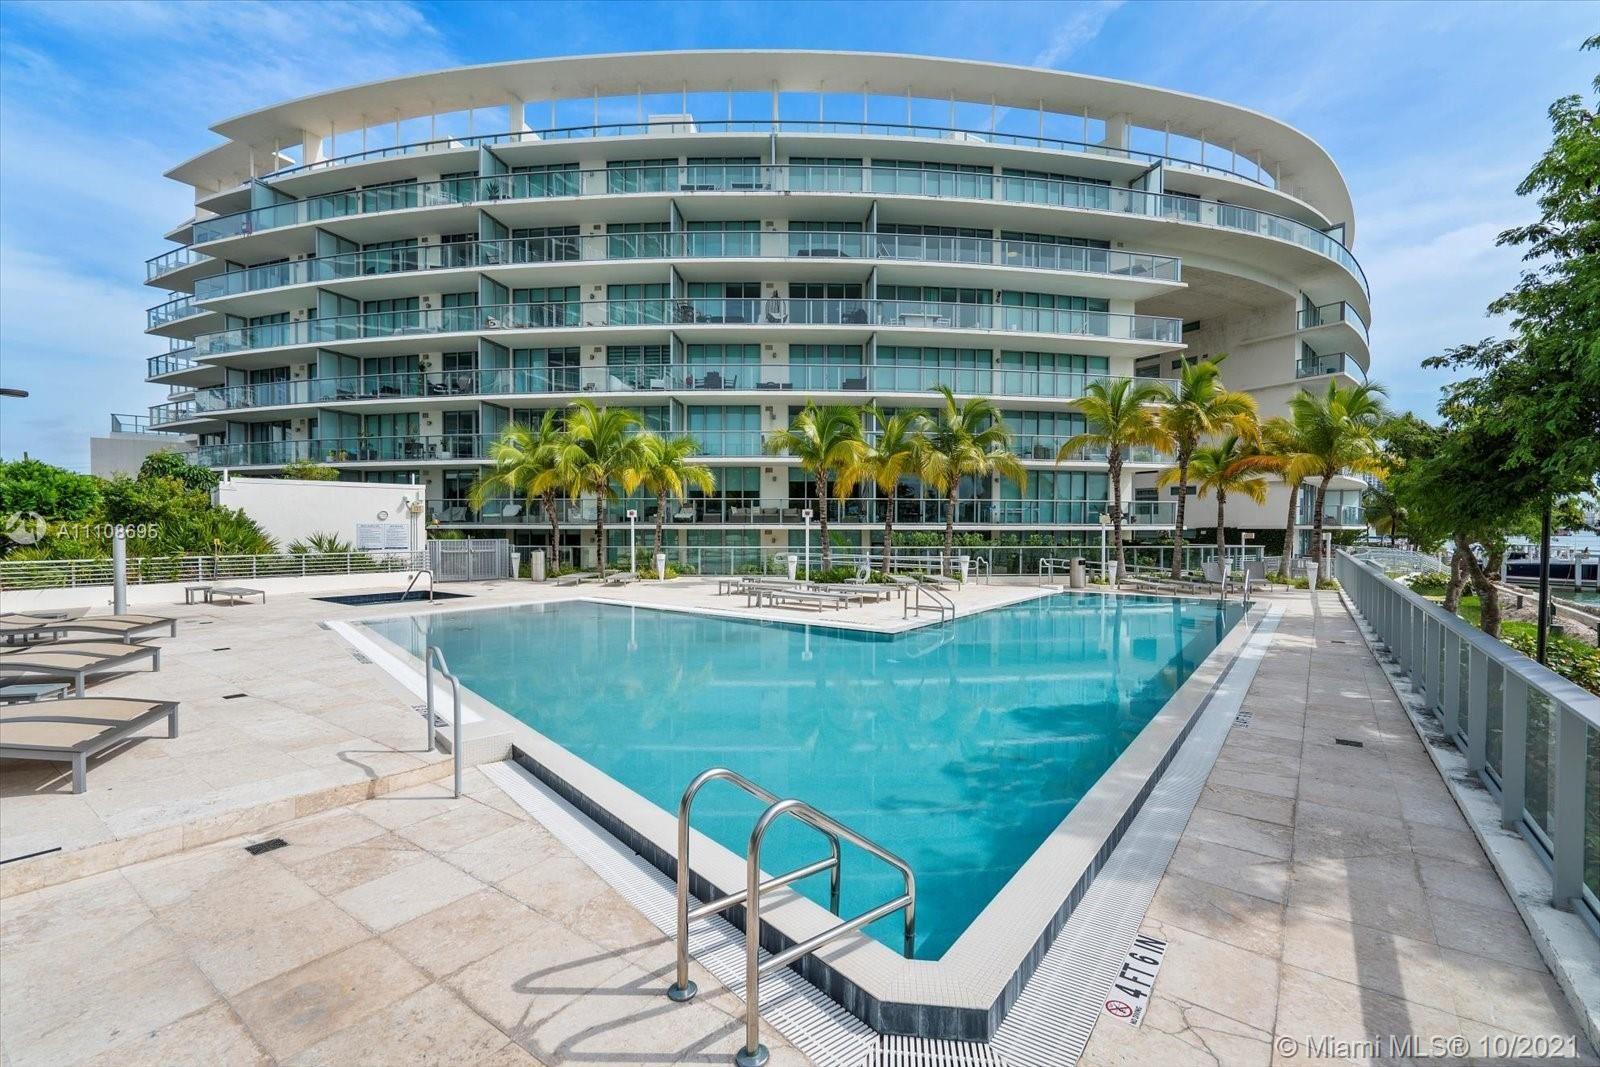 6620 Indian Creek Dr #611, Miami Beach, FL 33141 - #: A11108695